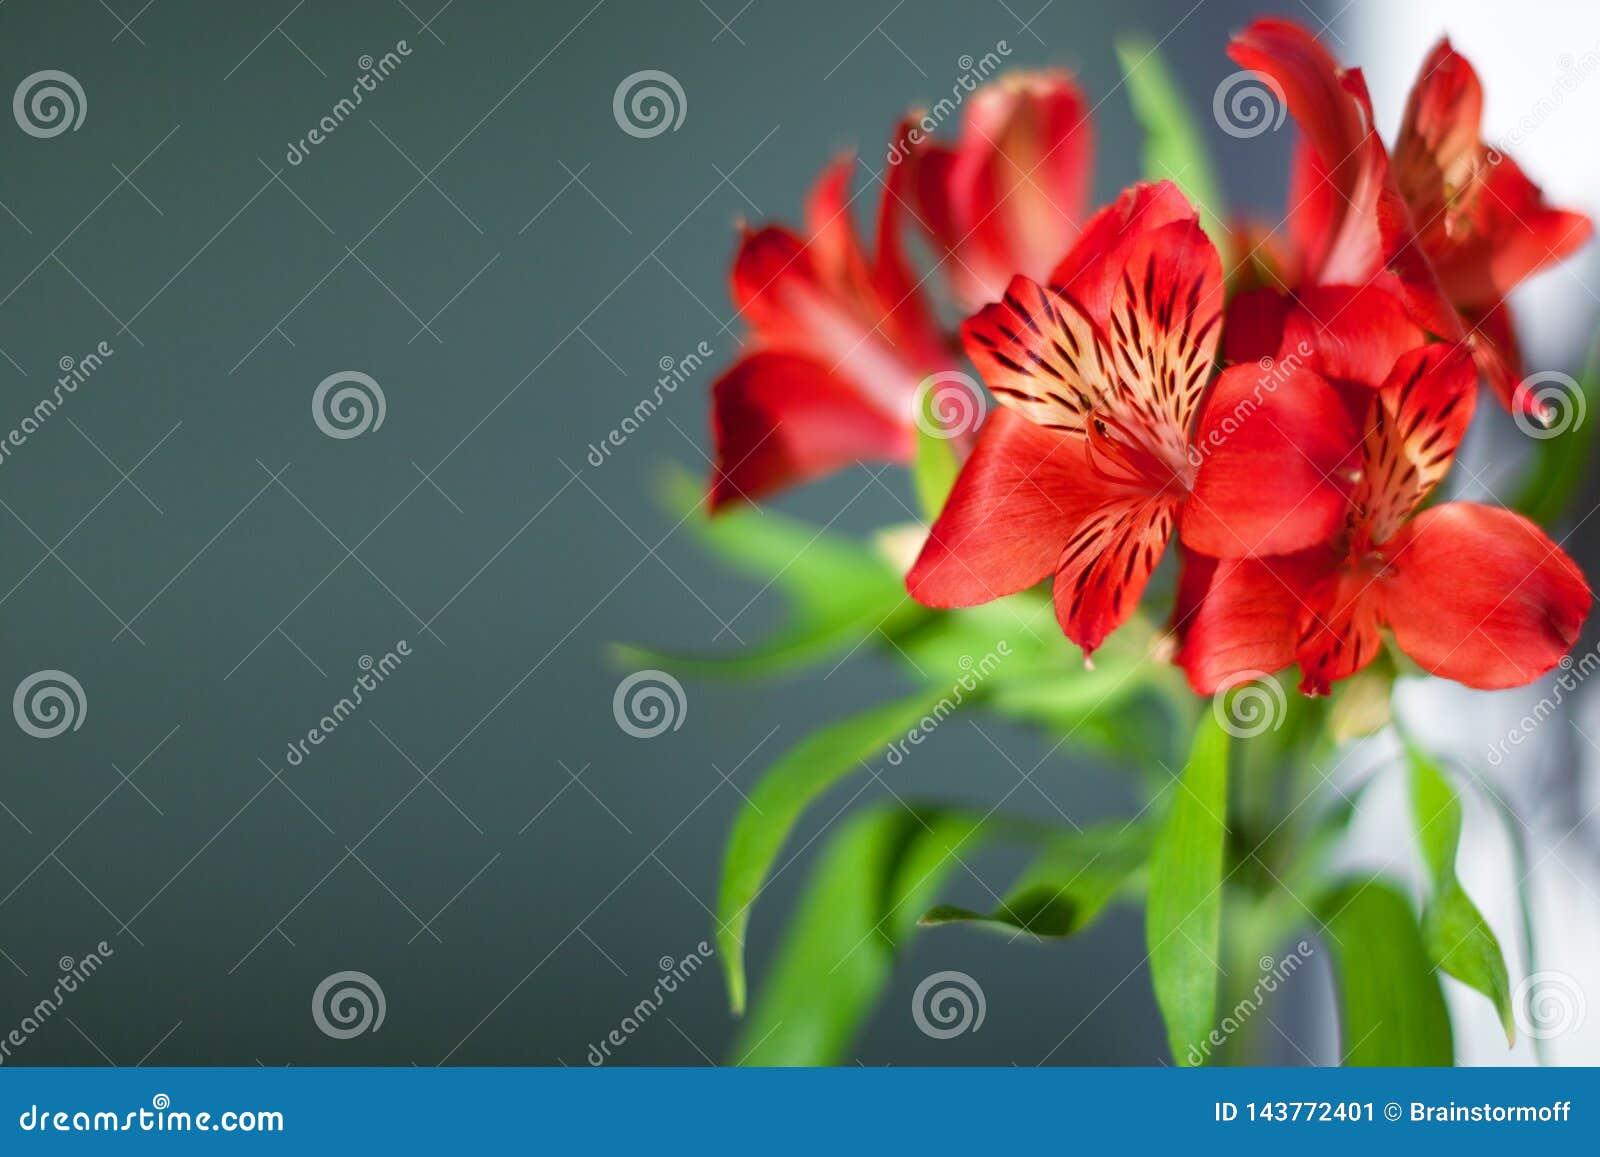 Τα κόκκινα λουλούδια alstroemeria με τα πράσινα φύλλα στο γκρίζο υπόβαθρο κλείνουν επάνω, φωτεινή ρόδινη δέσμη λουλουδιών κρίνων